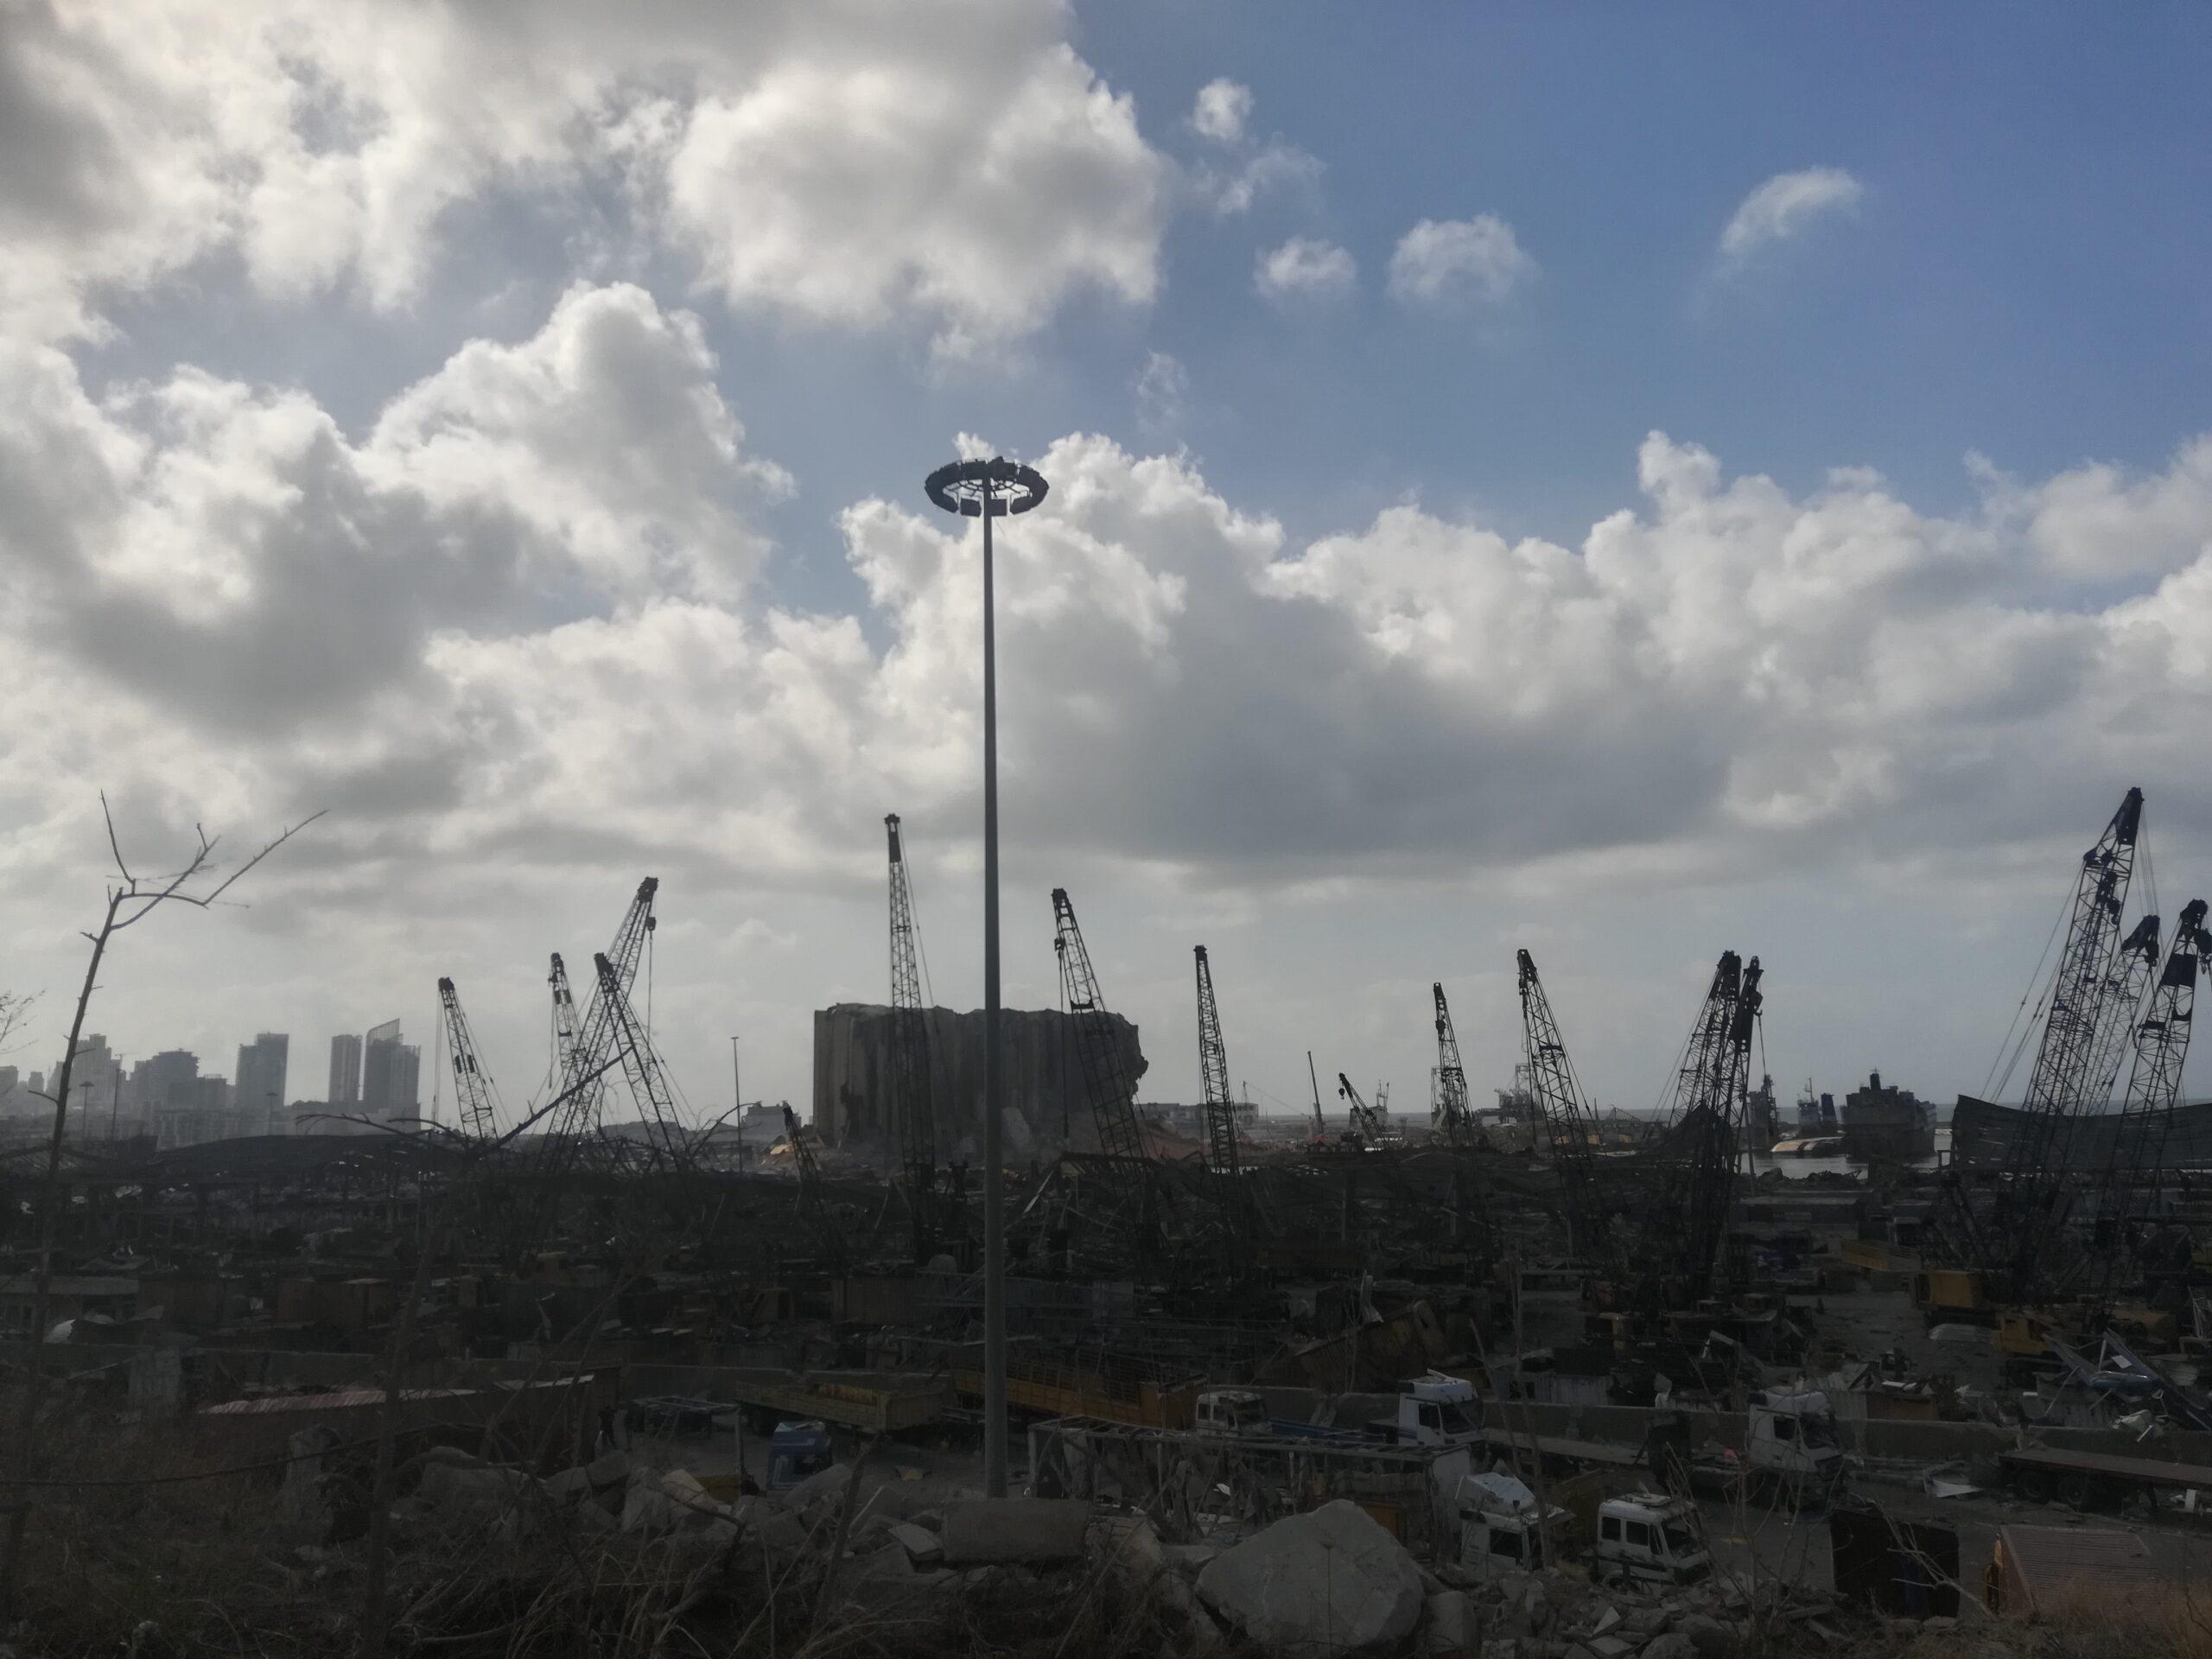 """شيكات مصرفية """"لا تُصرف"""" لأسر شهداء تفجير المرفأ: المصارف اللبنانية تميّز سلباً ضد ضحايا مجزرة بيروت"""